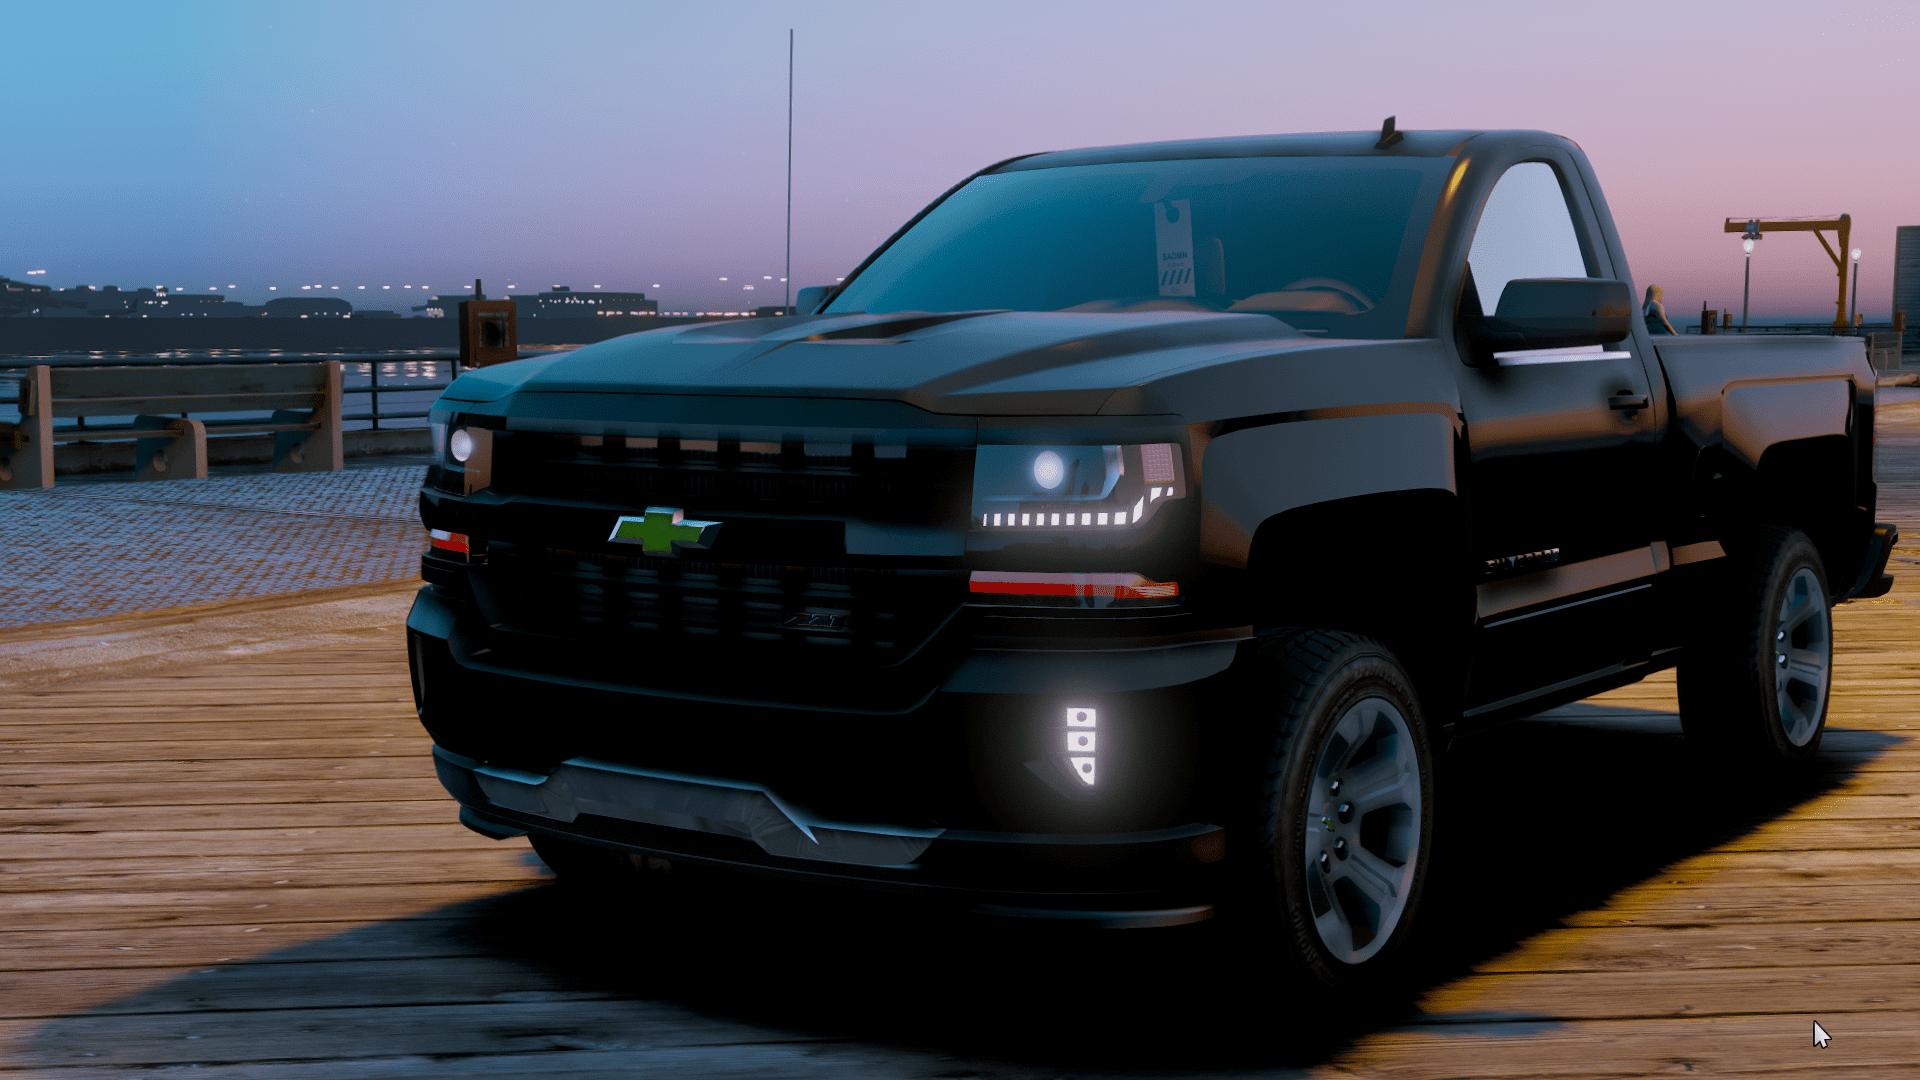 Chevrolet Silverado 2018 Single Cab - GTA5-Mods.com